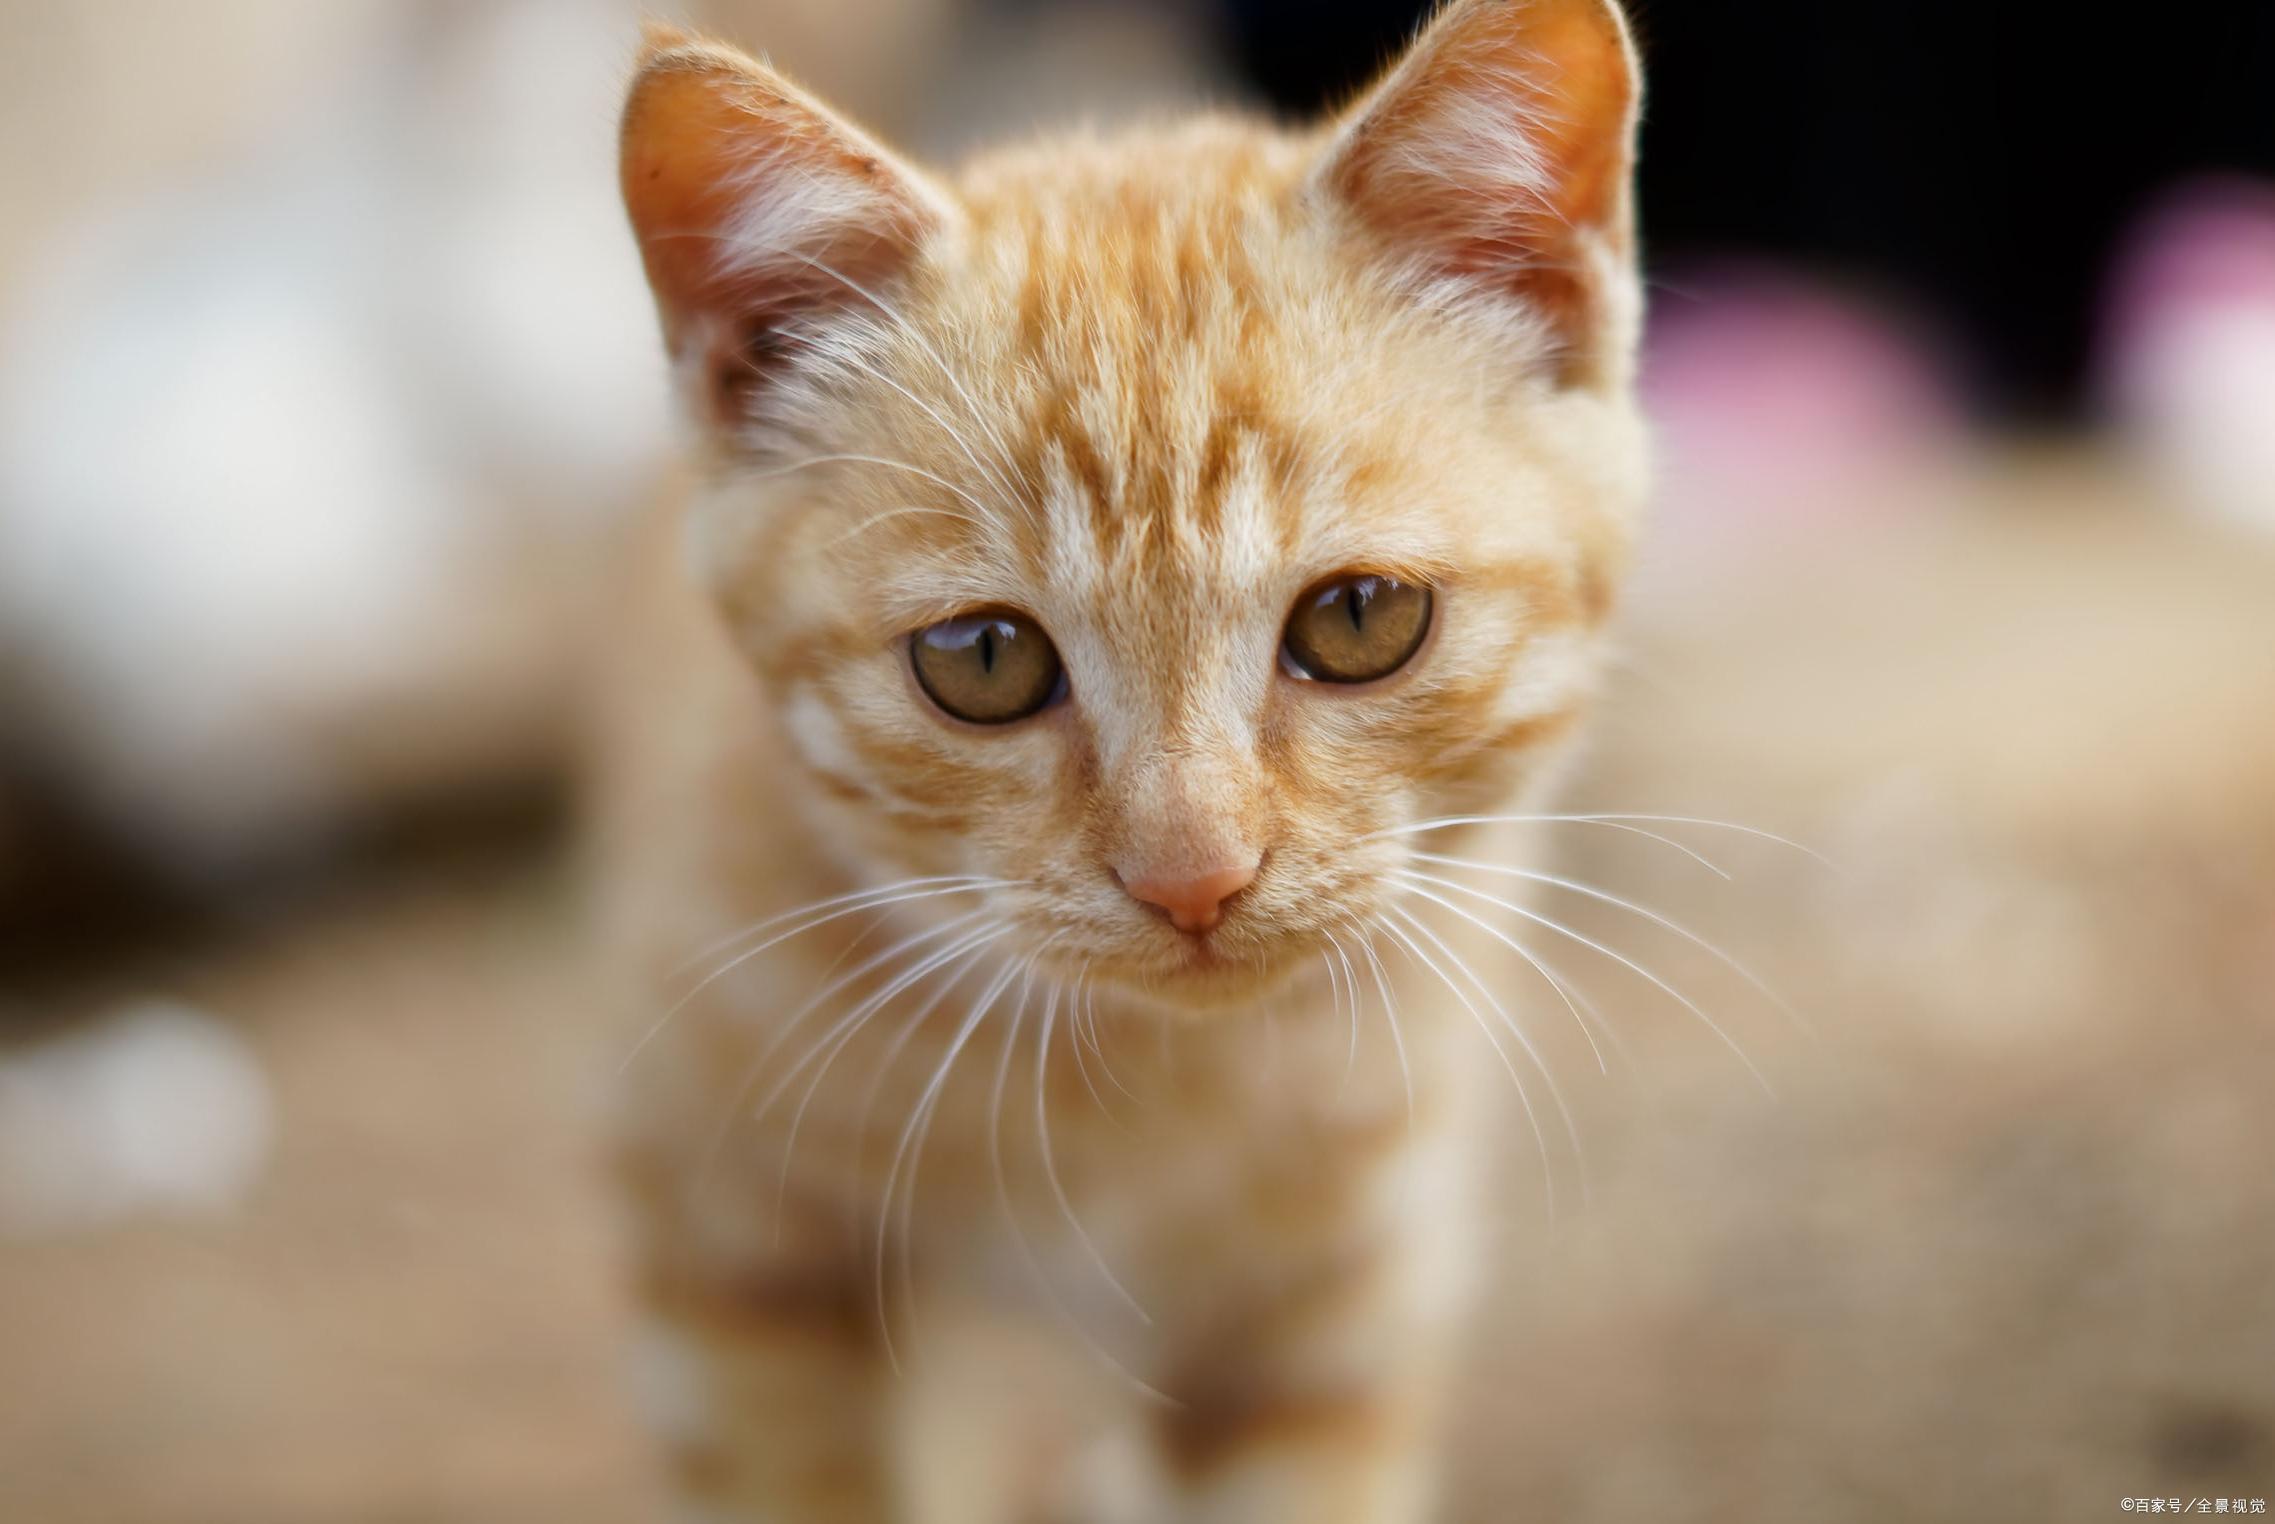 你会和你的猫一起睡吗?备受争议总结出几点问题,欢迎阅读